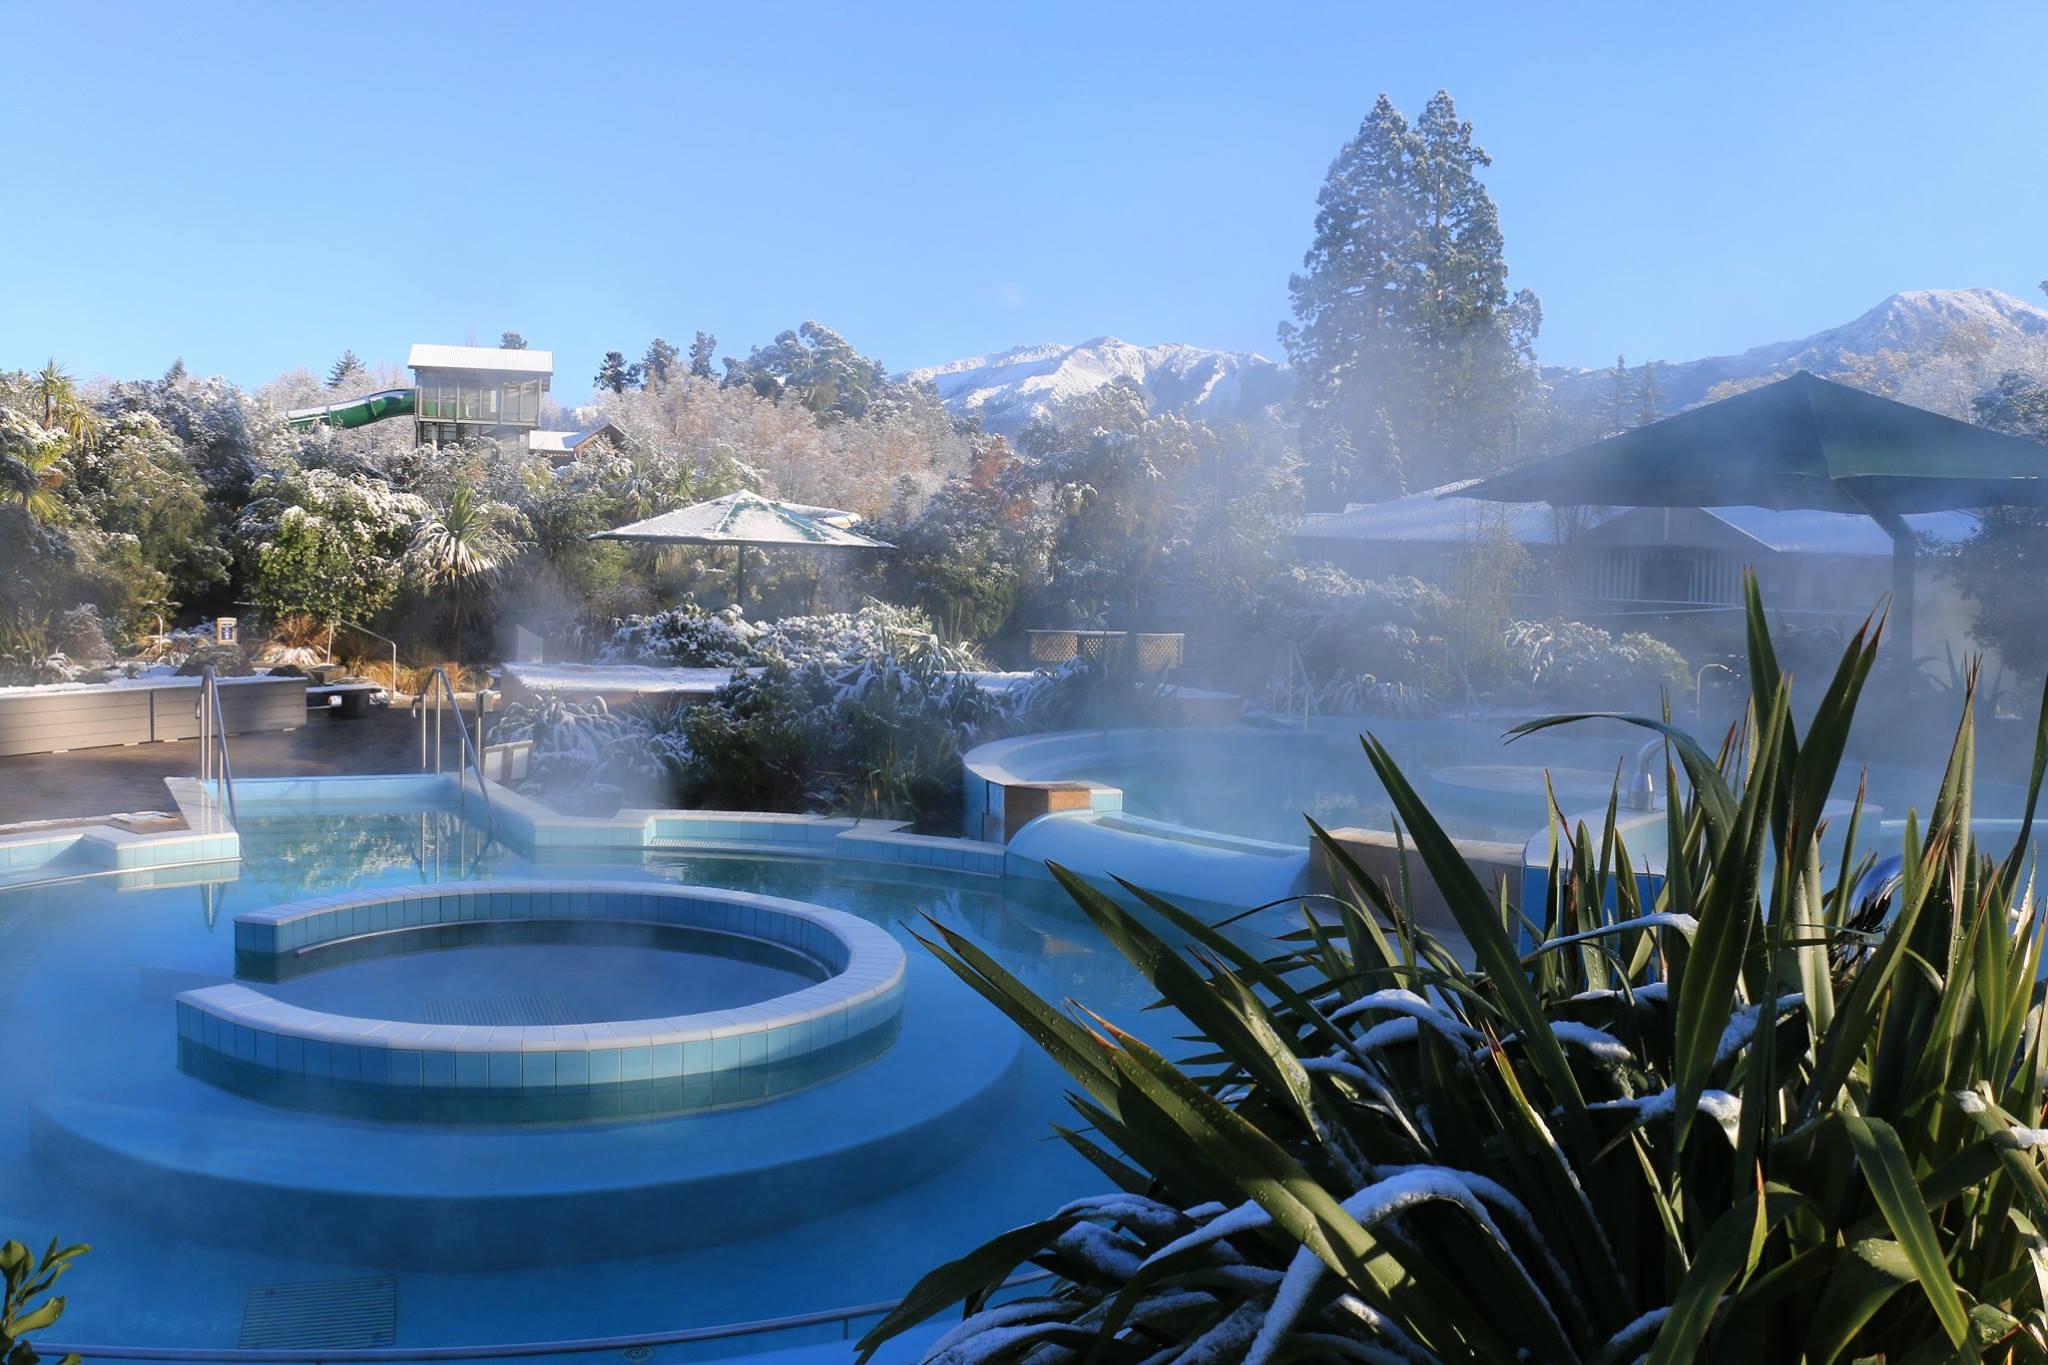 Hanmer Springs New Zealand